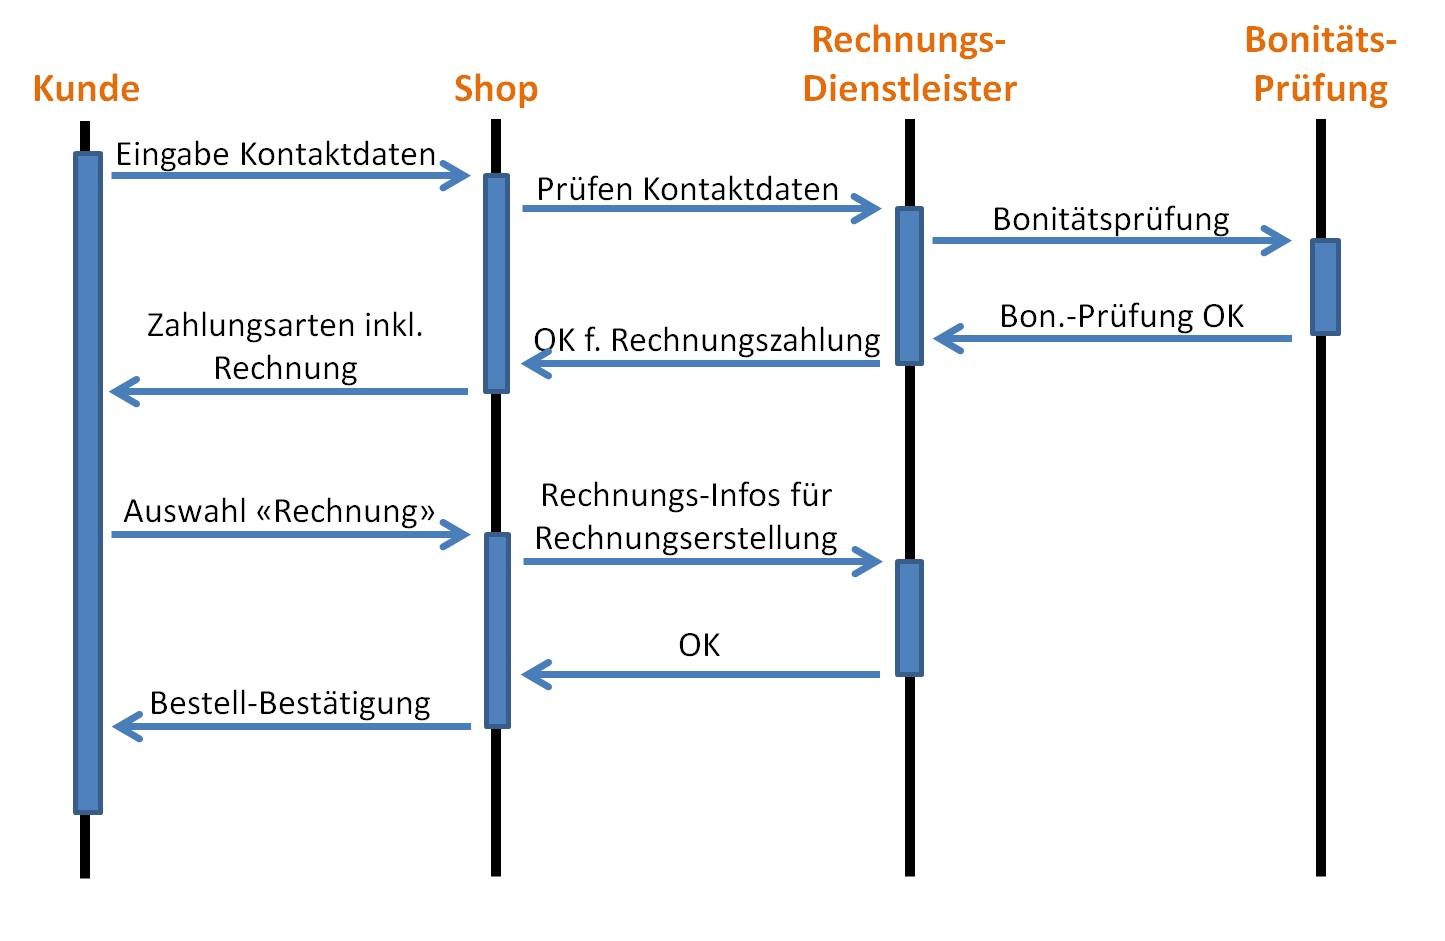 Rechnungonline Business Schultrolley Bestway Archive Ordnung Und